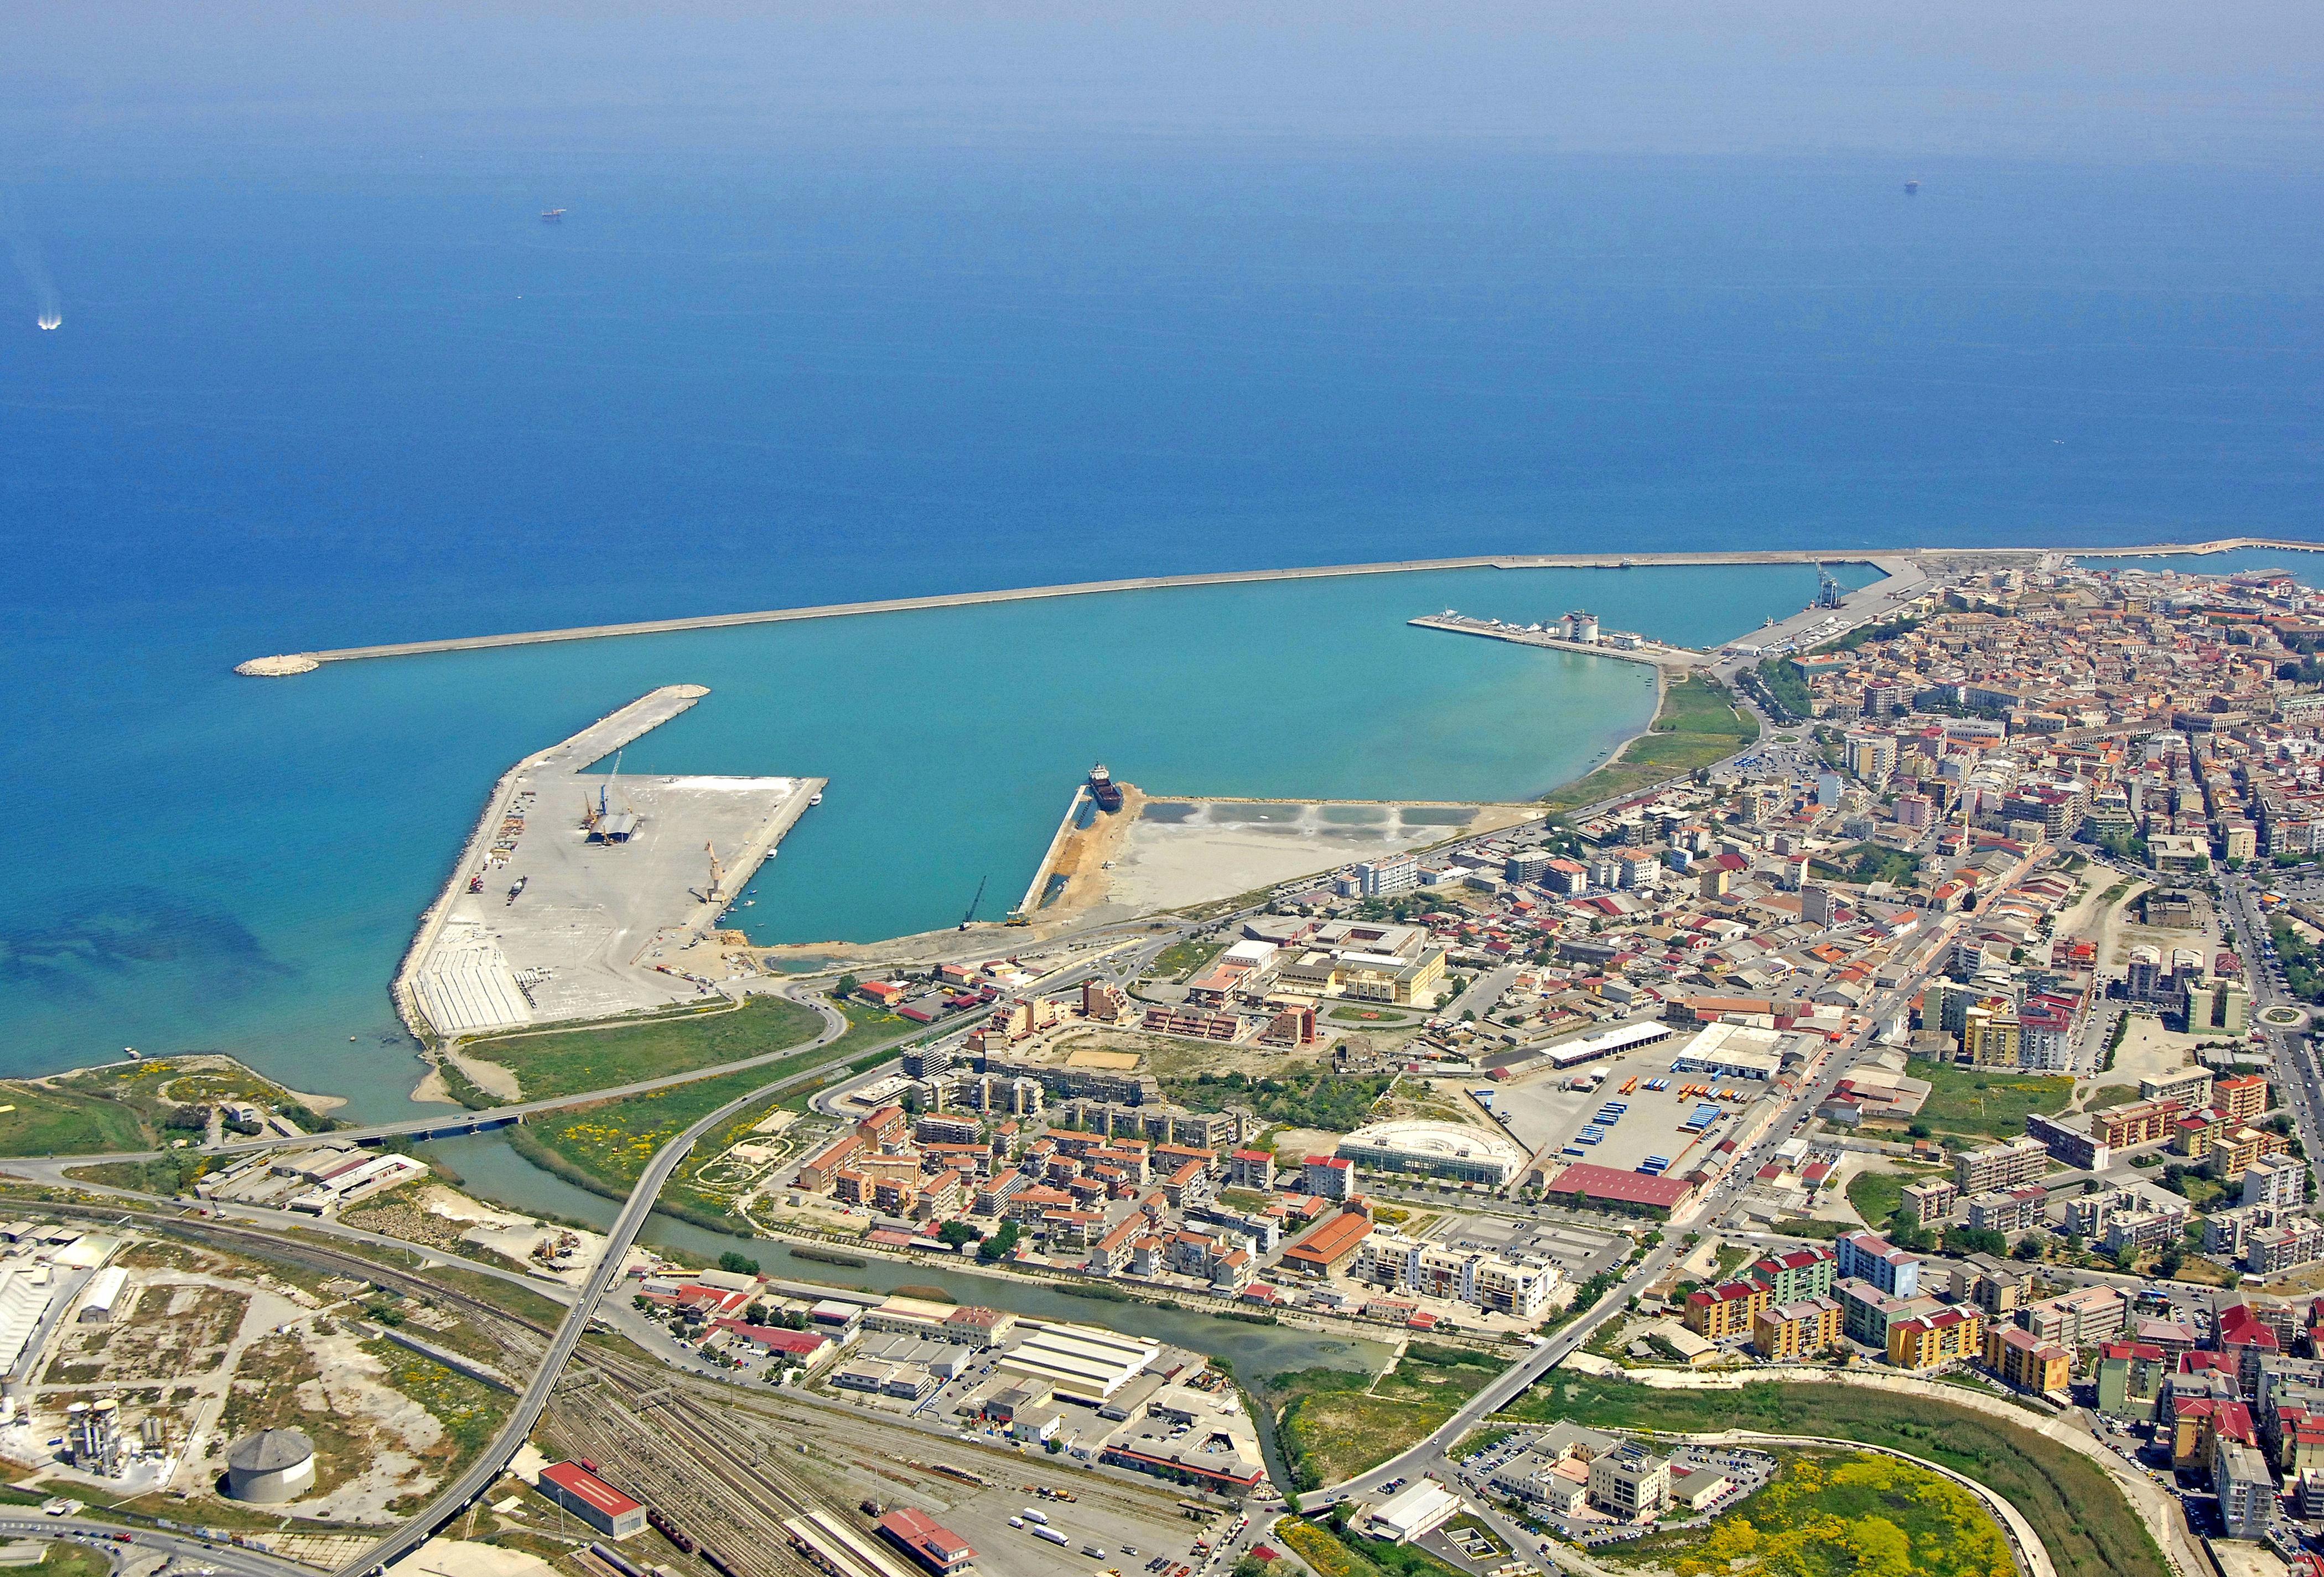 Crotone porto nuovo marina in crotone calabria italy for Arredamenti d autore crotone